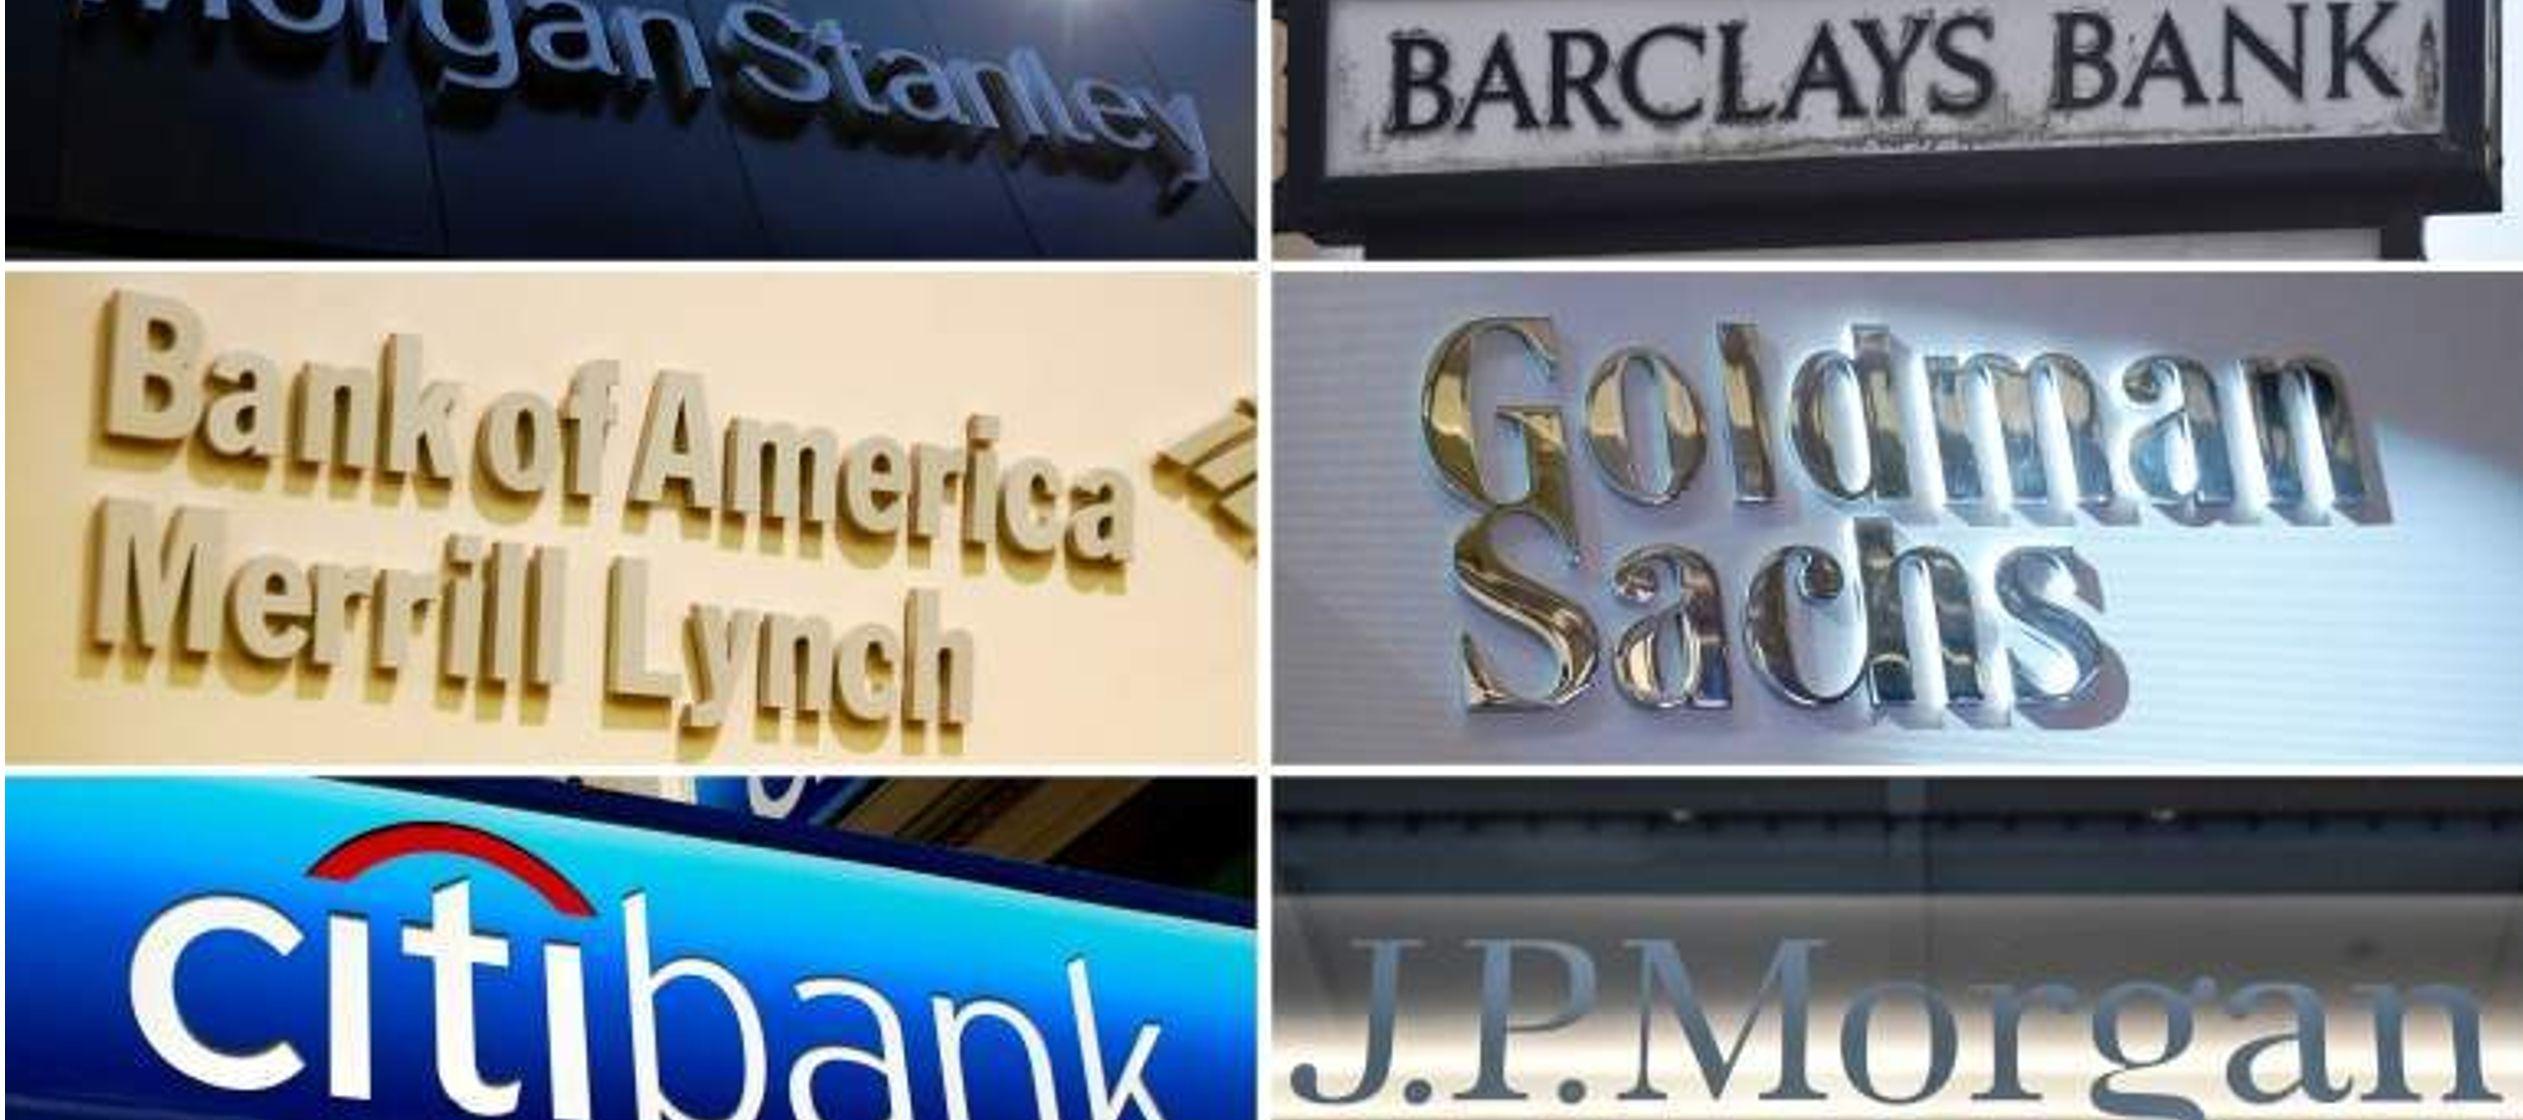 Grandes bancos de EU superan con éxito los requisitos de capital de Fed